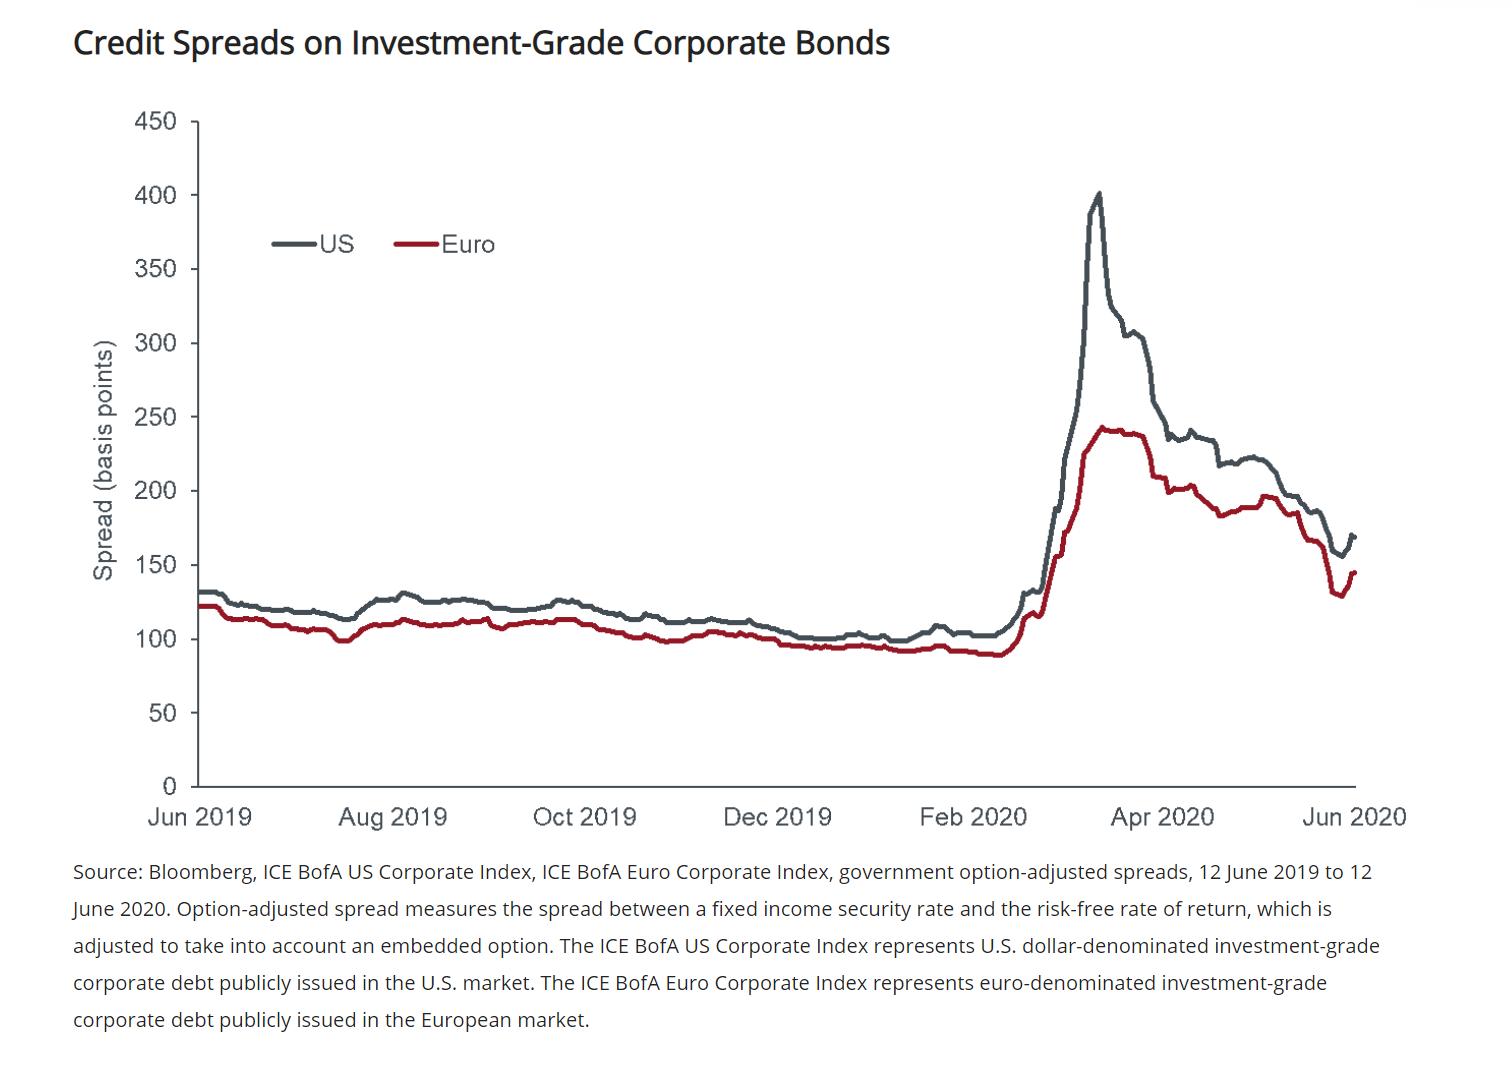 美资管巨头:基本面仍是信贷市场第一要素 看好短期投资级企业债